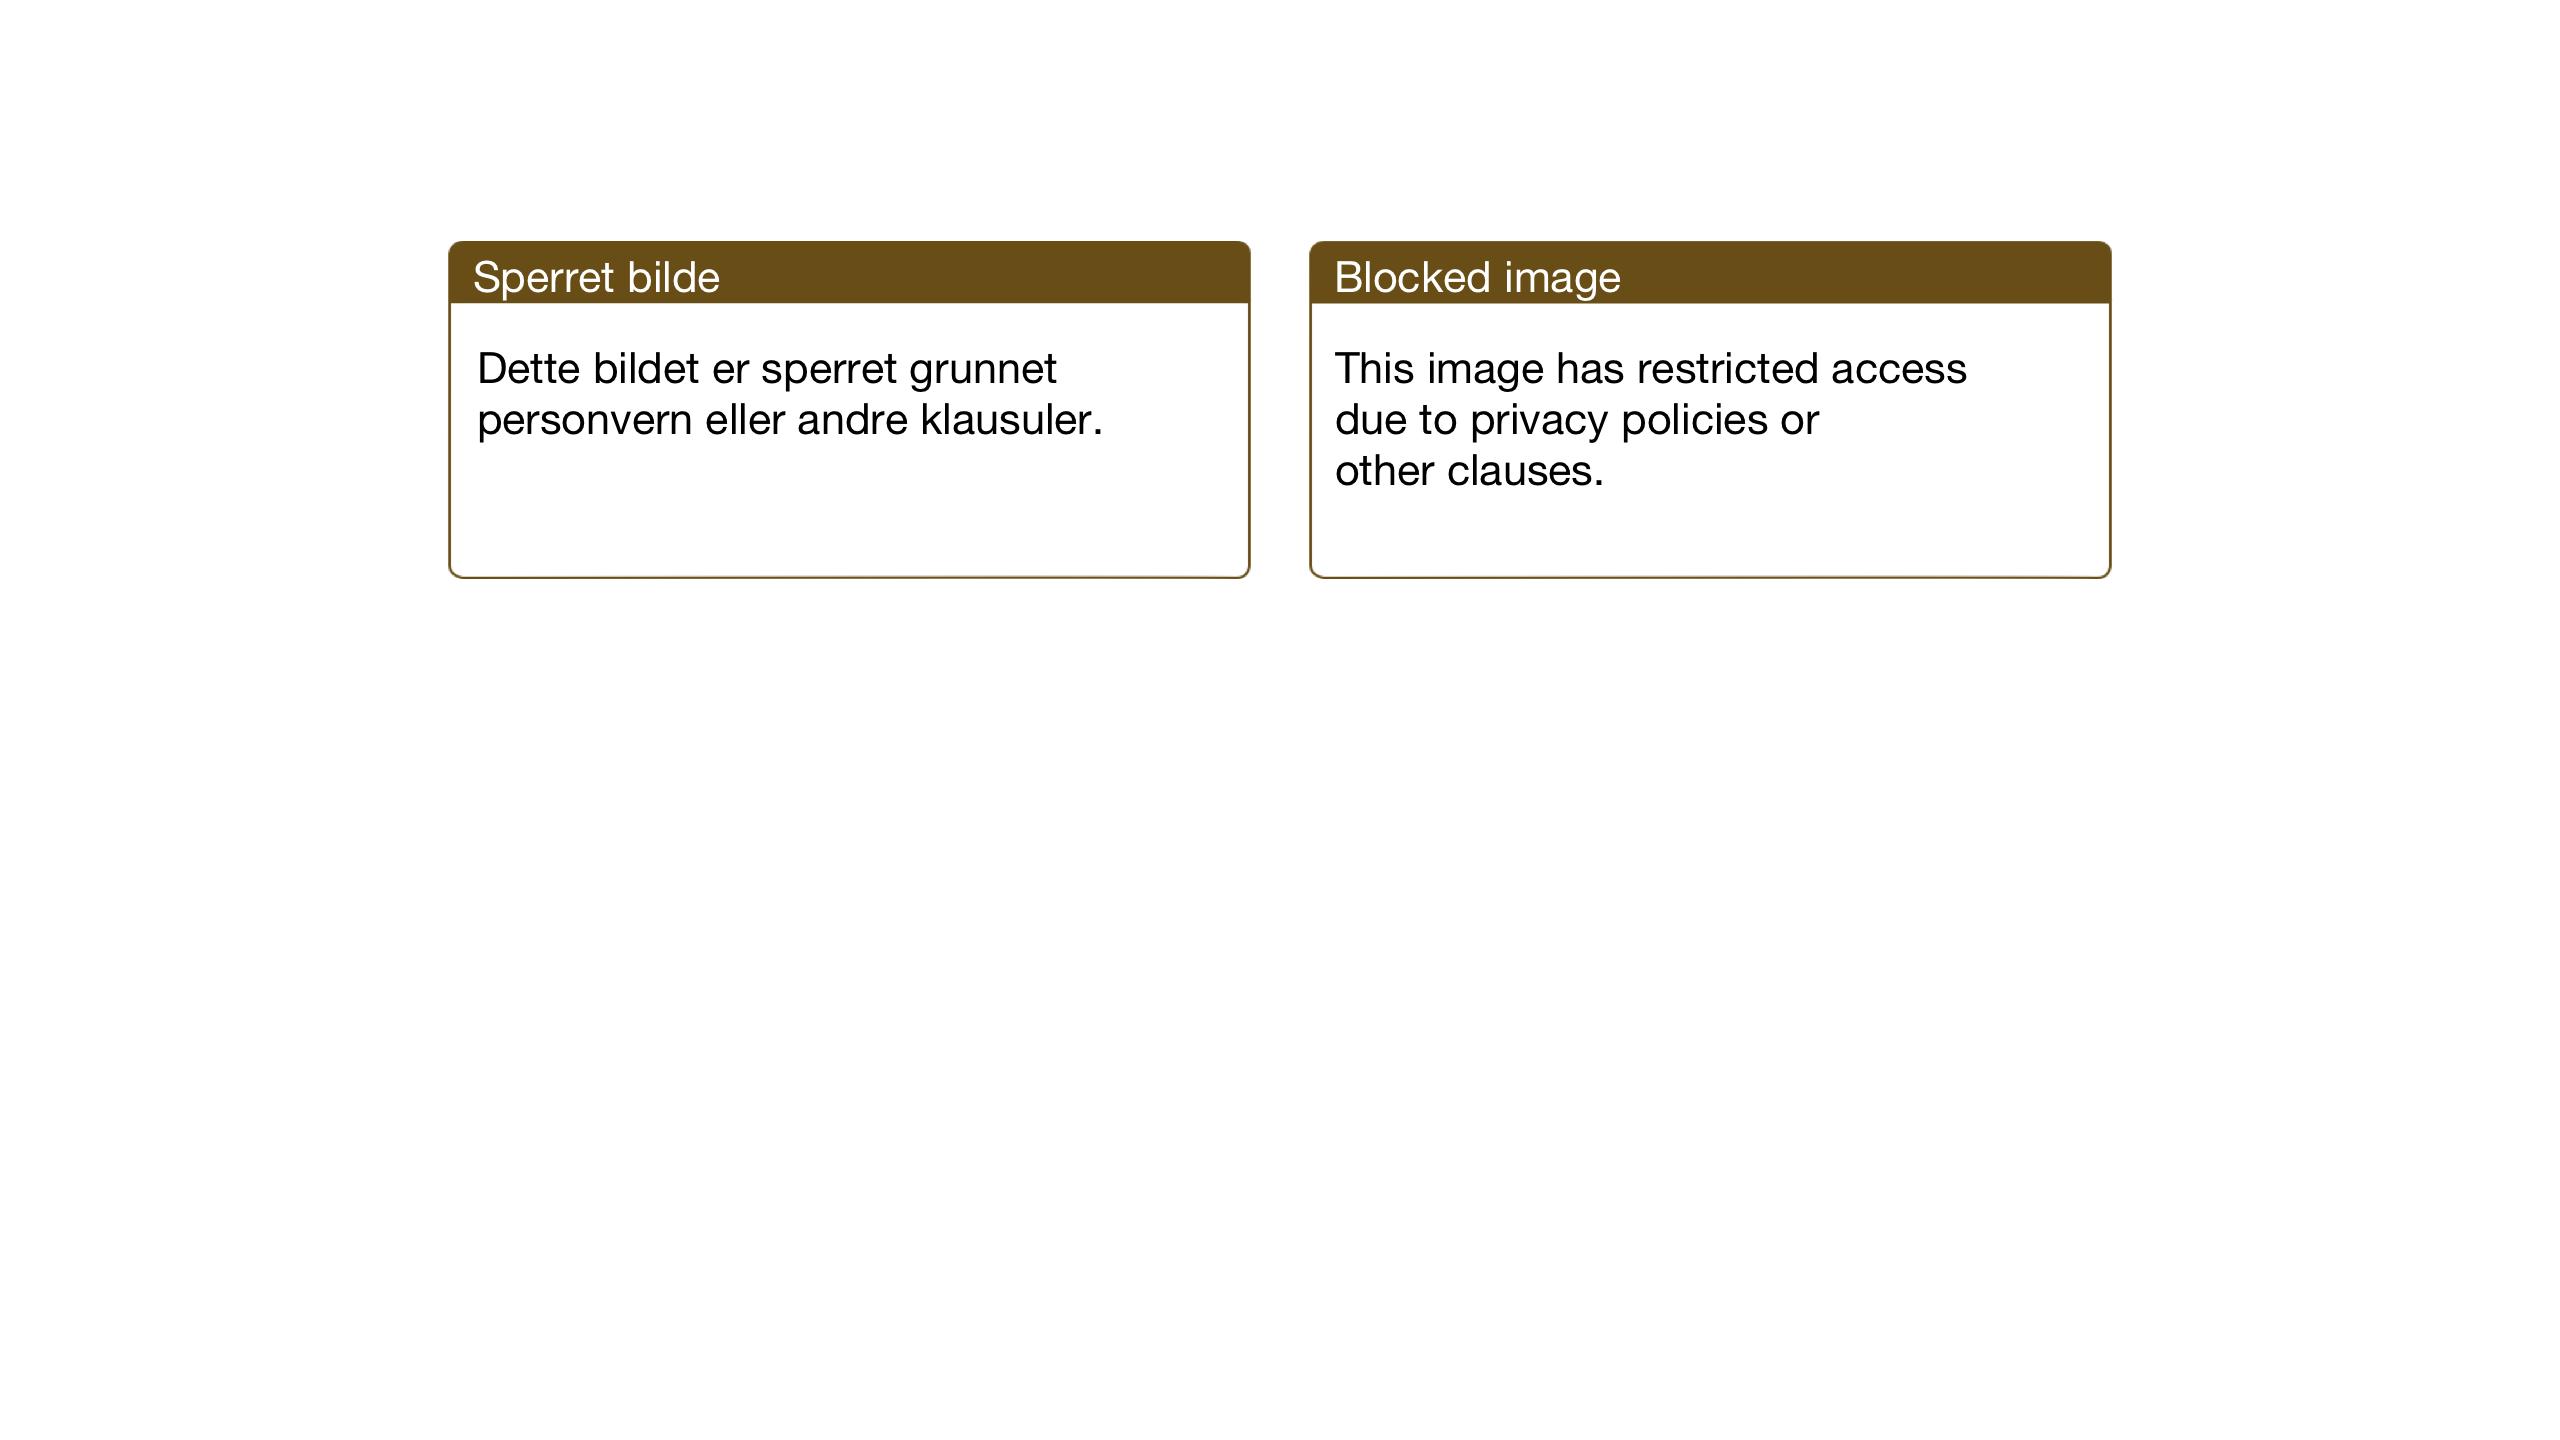 SAT, Ministerialprotokoller, klokkerbøker og fødselsregistre - Sør-Trøndelag, 667/L0799: Klokkerbok nr. 667C04, 1929-1950, s. 100